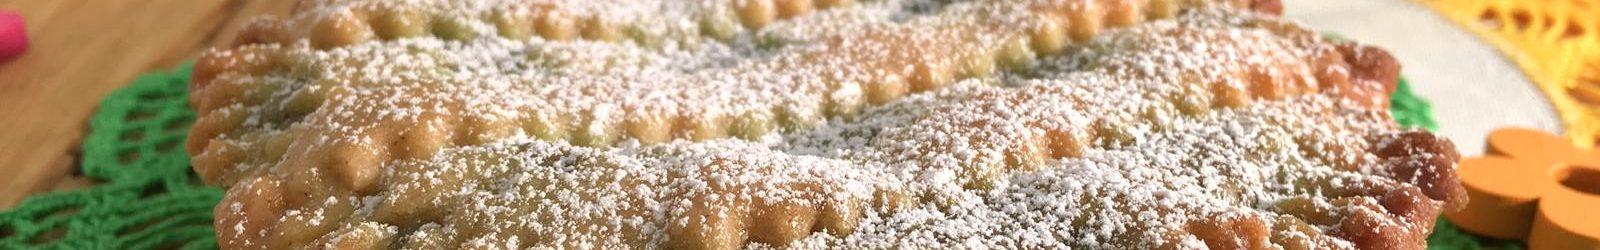 Crostata alla crema di pistacchio – ricetta facile